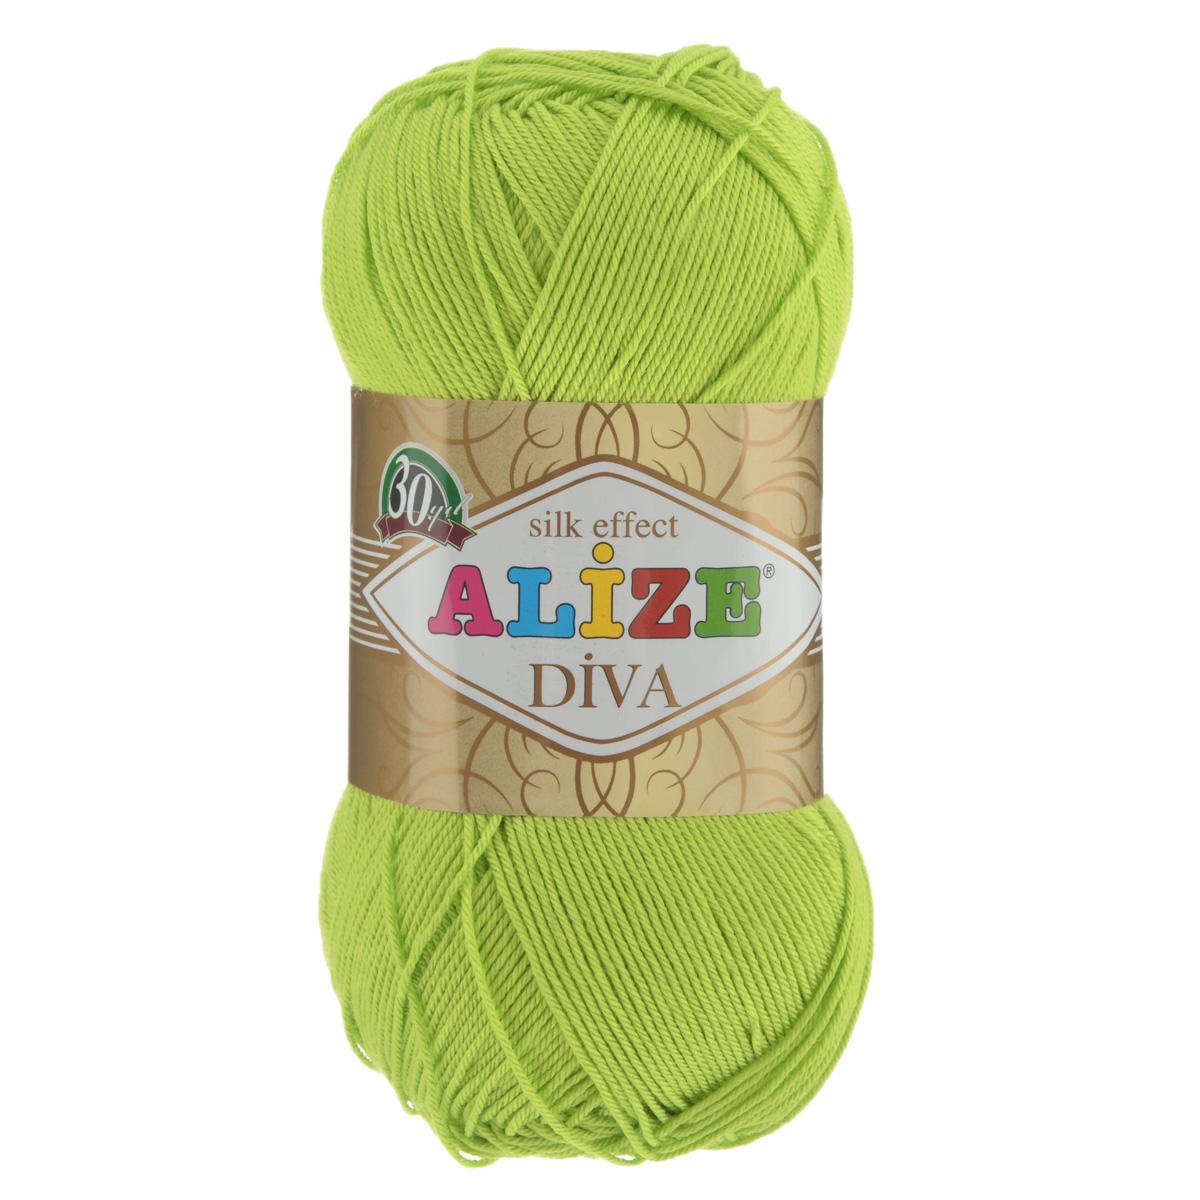 Пряжа для вязания Alize Diva, цвет: зеленый неон (612), 350 м, 100 г, 5 шт364126_612Легкая пряжа Diva с шелковым эффектом для весенних или летних вещей. Приятная на ощупь, обладающая высокой гигроскопичностью, пряжа Diva из микрофибры подойдет для самых разных вязаных изделий: сарафанов, туник, платьев, легких костюмов, кофт, шалей и накидок. Ее с одинаковым успехом можно использовать и для спиц, и для вязания крючком. В палитре большой выбор ярких цветов и пастельных мягких оттенков. Не стоит с предубеждением относиться к искусственной пряже, ведь она обладает целым рядом преимуществ. За изделиями из пряжи Diva проще ухаживать, они не подвержены скатыванию, не вызывают аллергии, не собирают пыль, не линяют и не оставляют ворсинок на другой одежде. Рекомендованные спицы № 2,5-3,5, крючок № 1-3. Состав: 100% микрофибра.